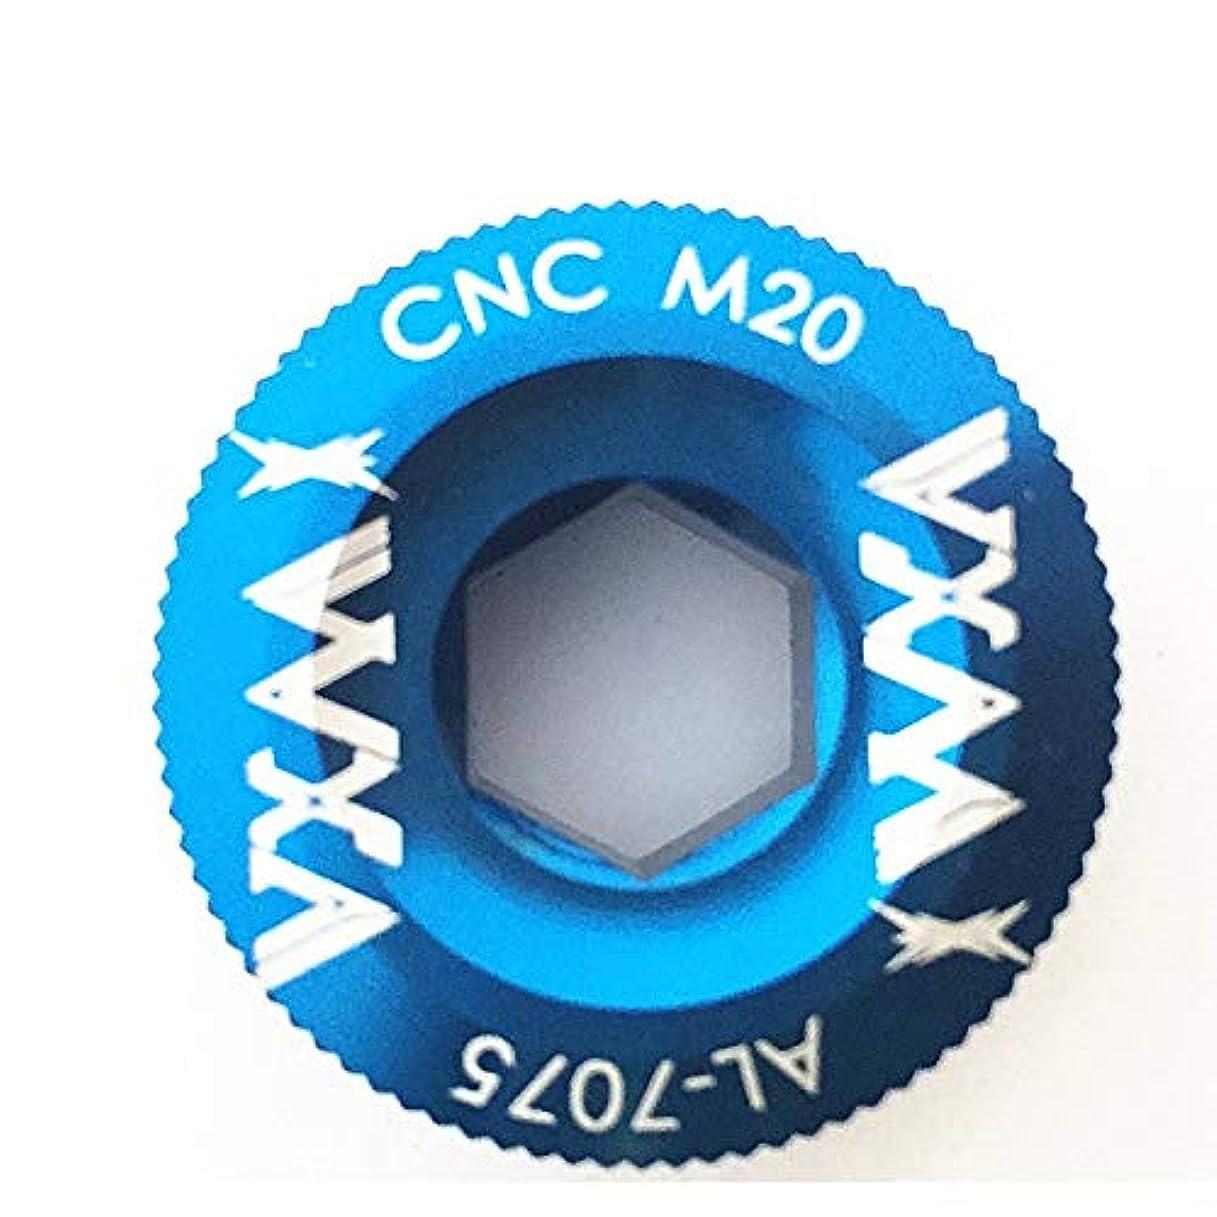 フォームマッシュあえてPropenaryは - 自転車クランクカバーのネジキャップM20ロードバイククランクボルトクランクセットはバイクフィッティングボルトCNCクランクアームネジBB軸の固定ネジ[青]